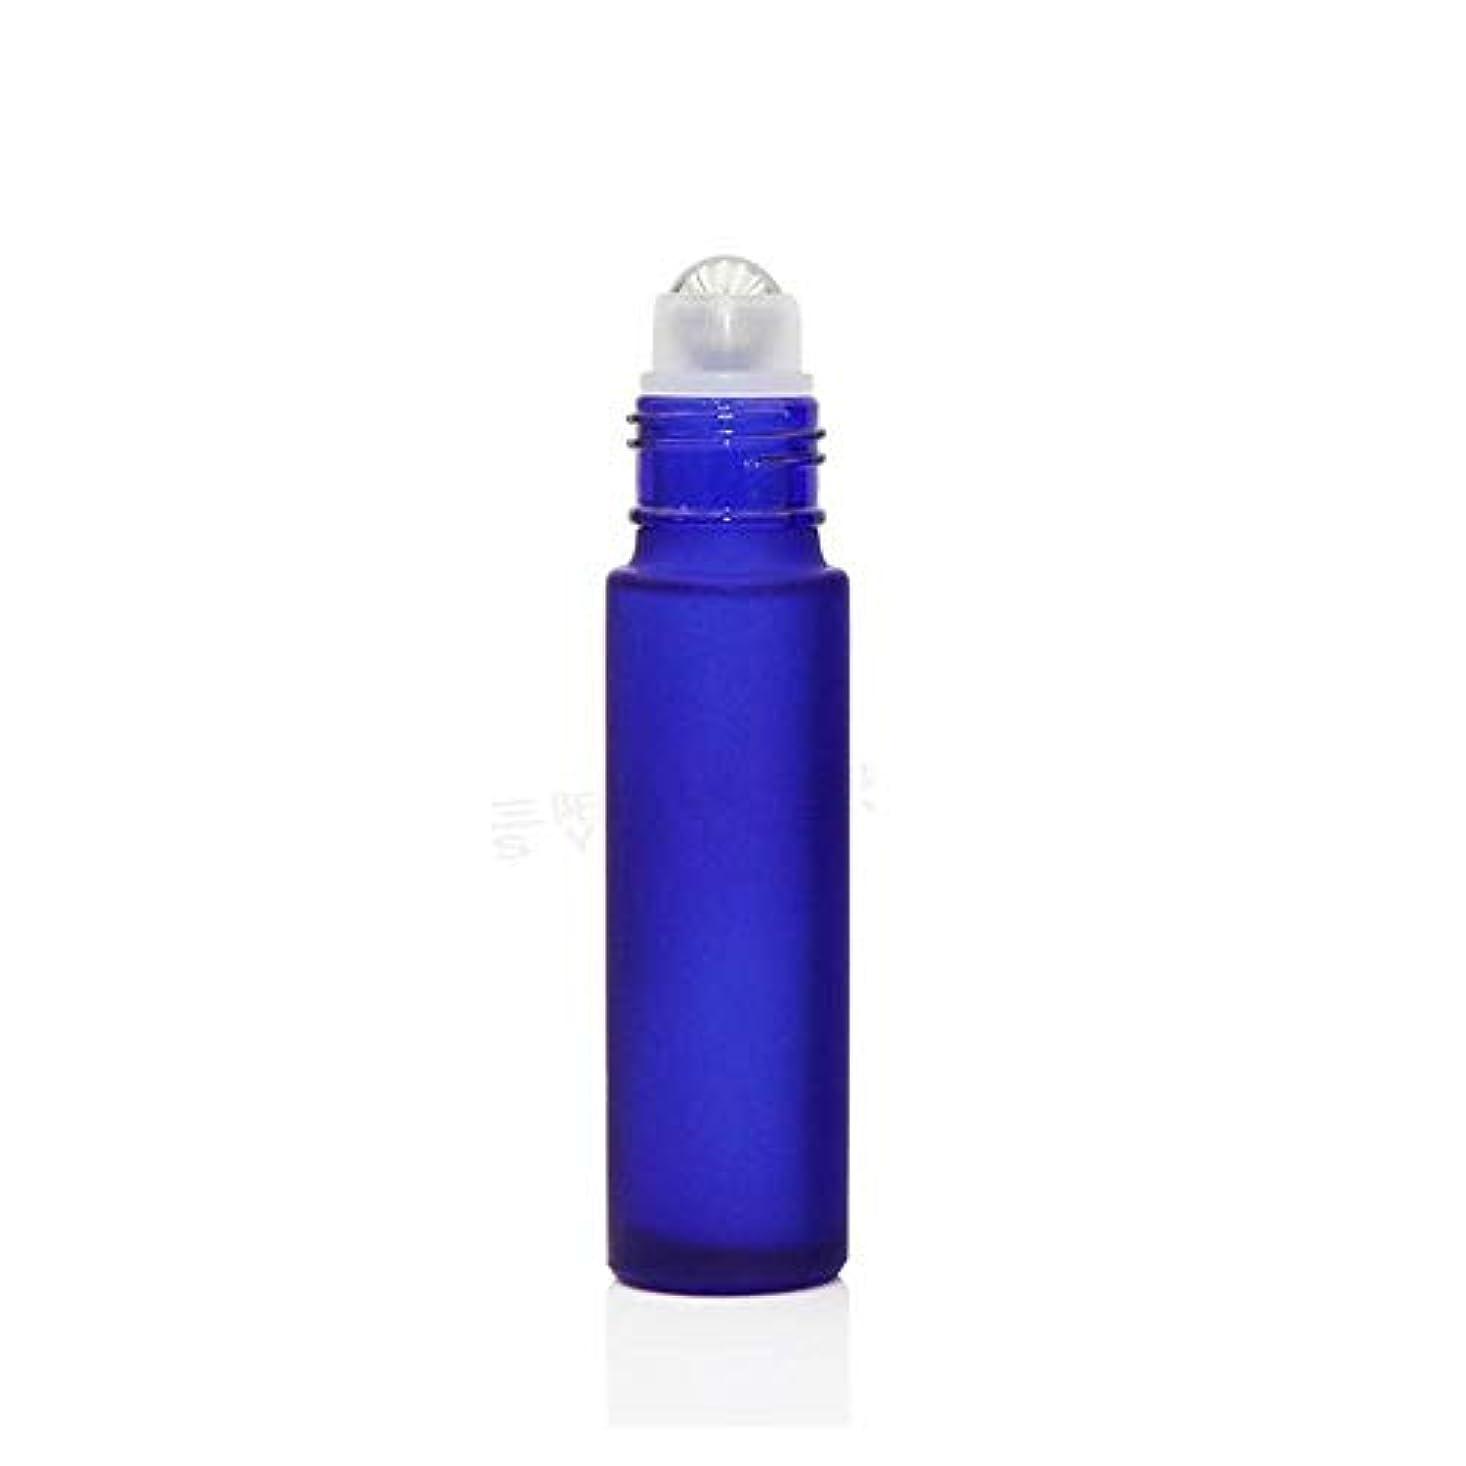 記念日側溝ピービッシュgundoop ロールオンボトル アロマオイル 精油 小分け用 遮光瓶 10ml 10本セット ガラスロールタイプ (ブルー)